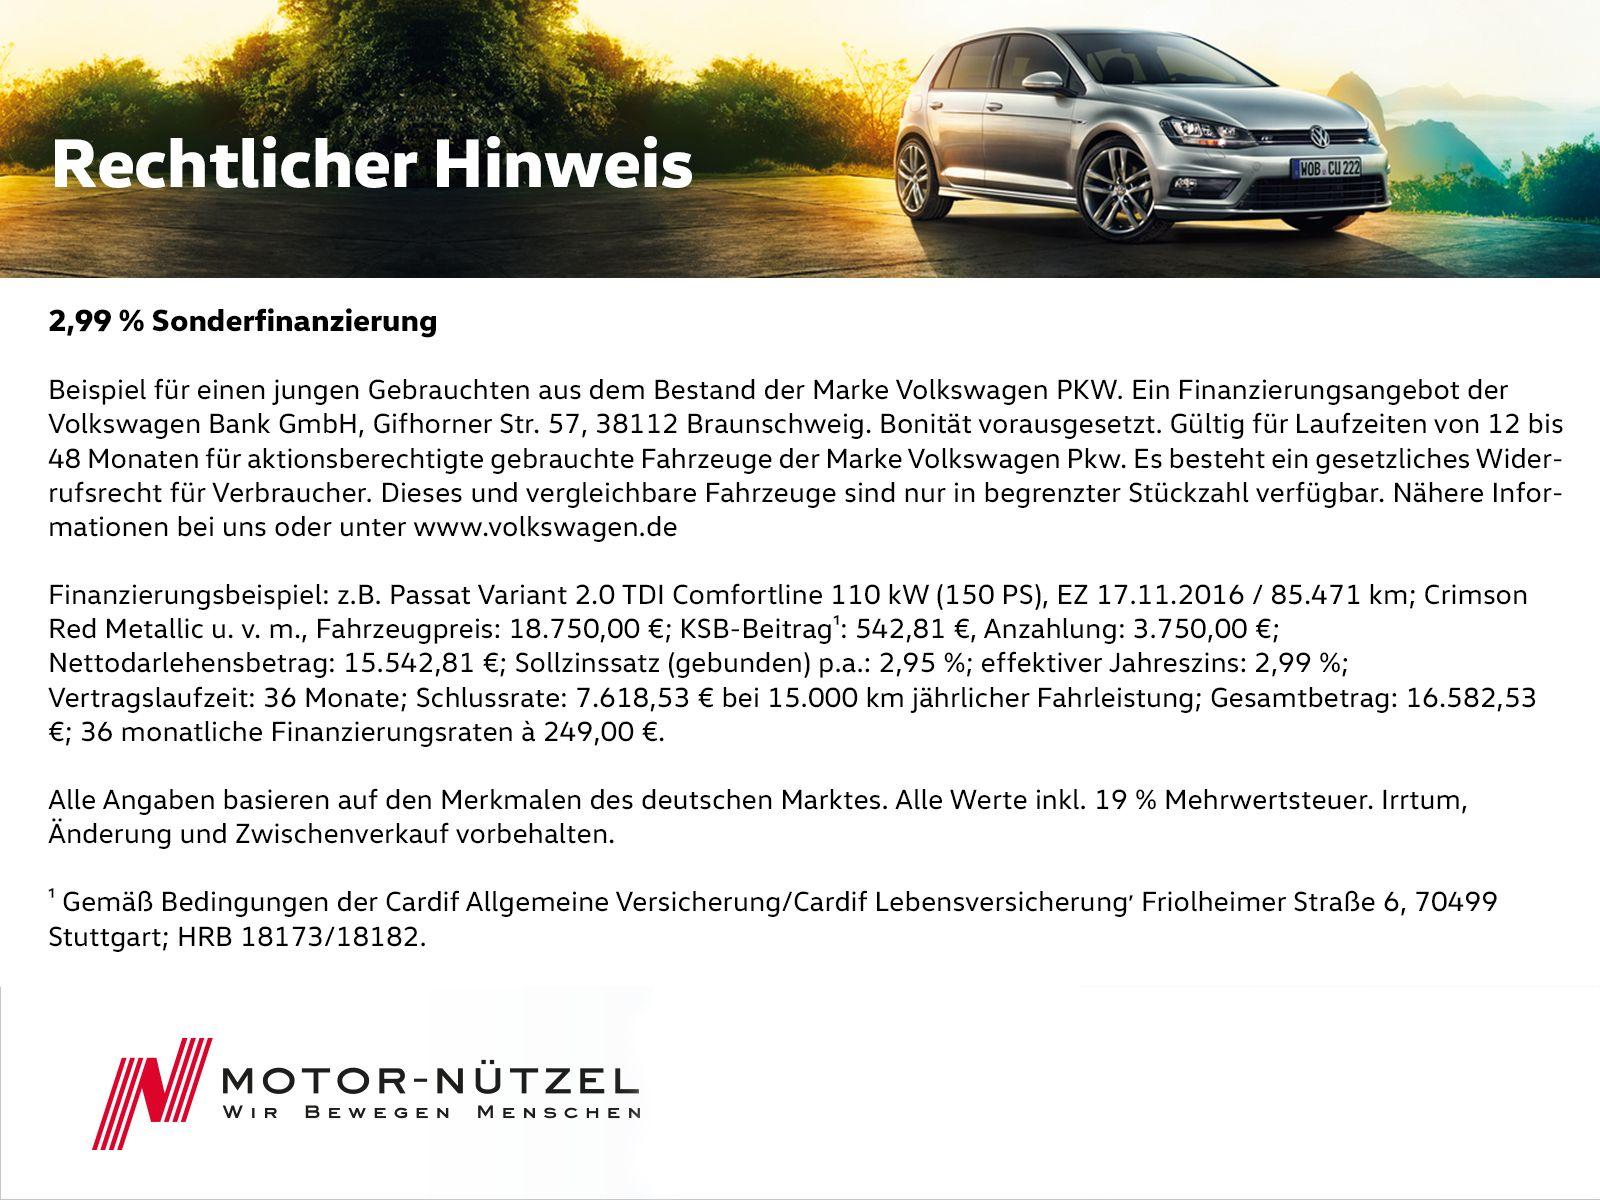 Alle Gebrauchtwagen In Nürnberg Auf Einen Blick 12gebrauchtwagende